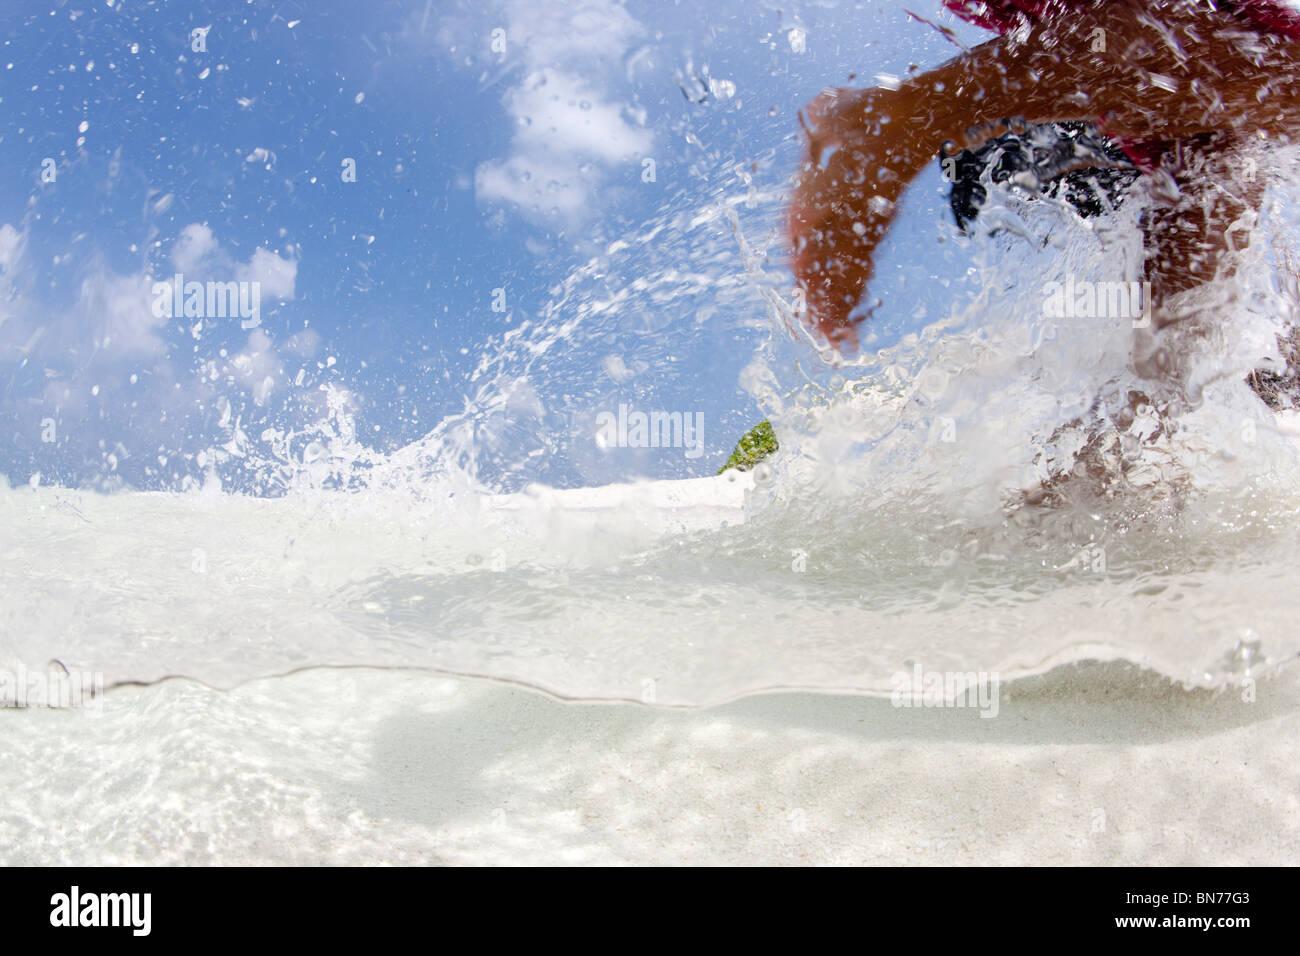 Spielen im flachen Wasser, auf einem abgelegenen Atoll in den Malediven-Kette, Indischer Ozean Stockbild